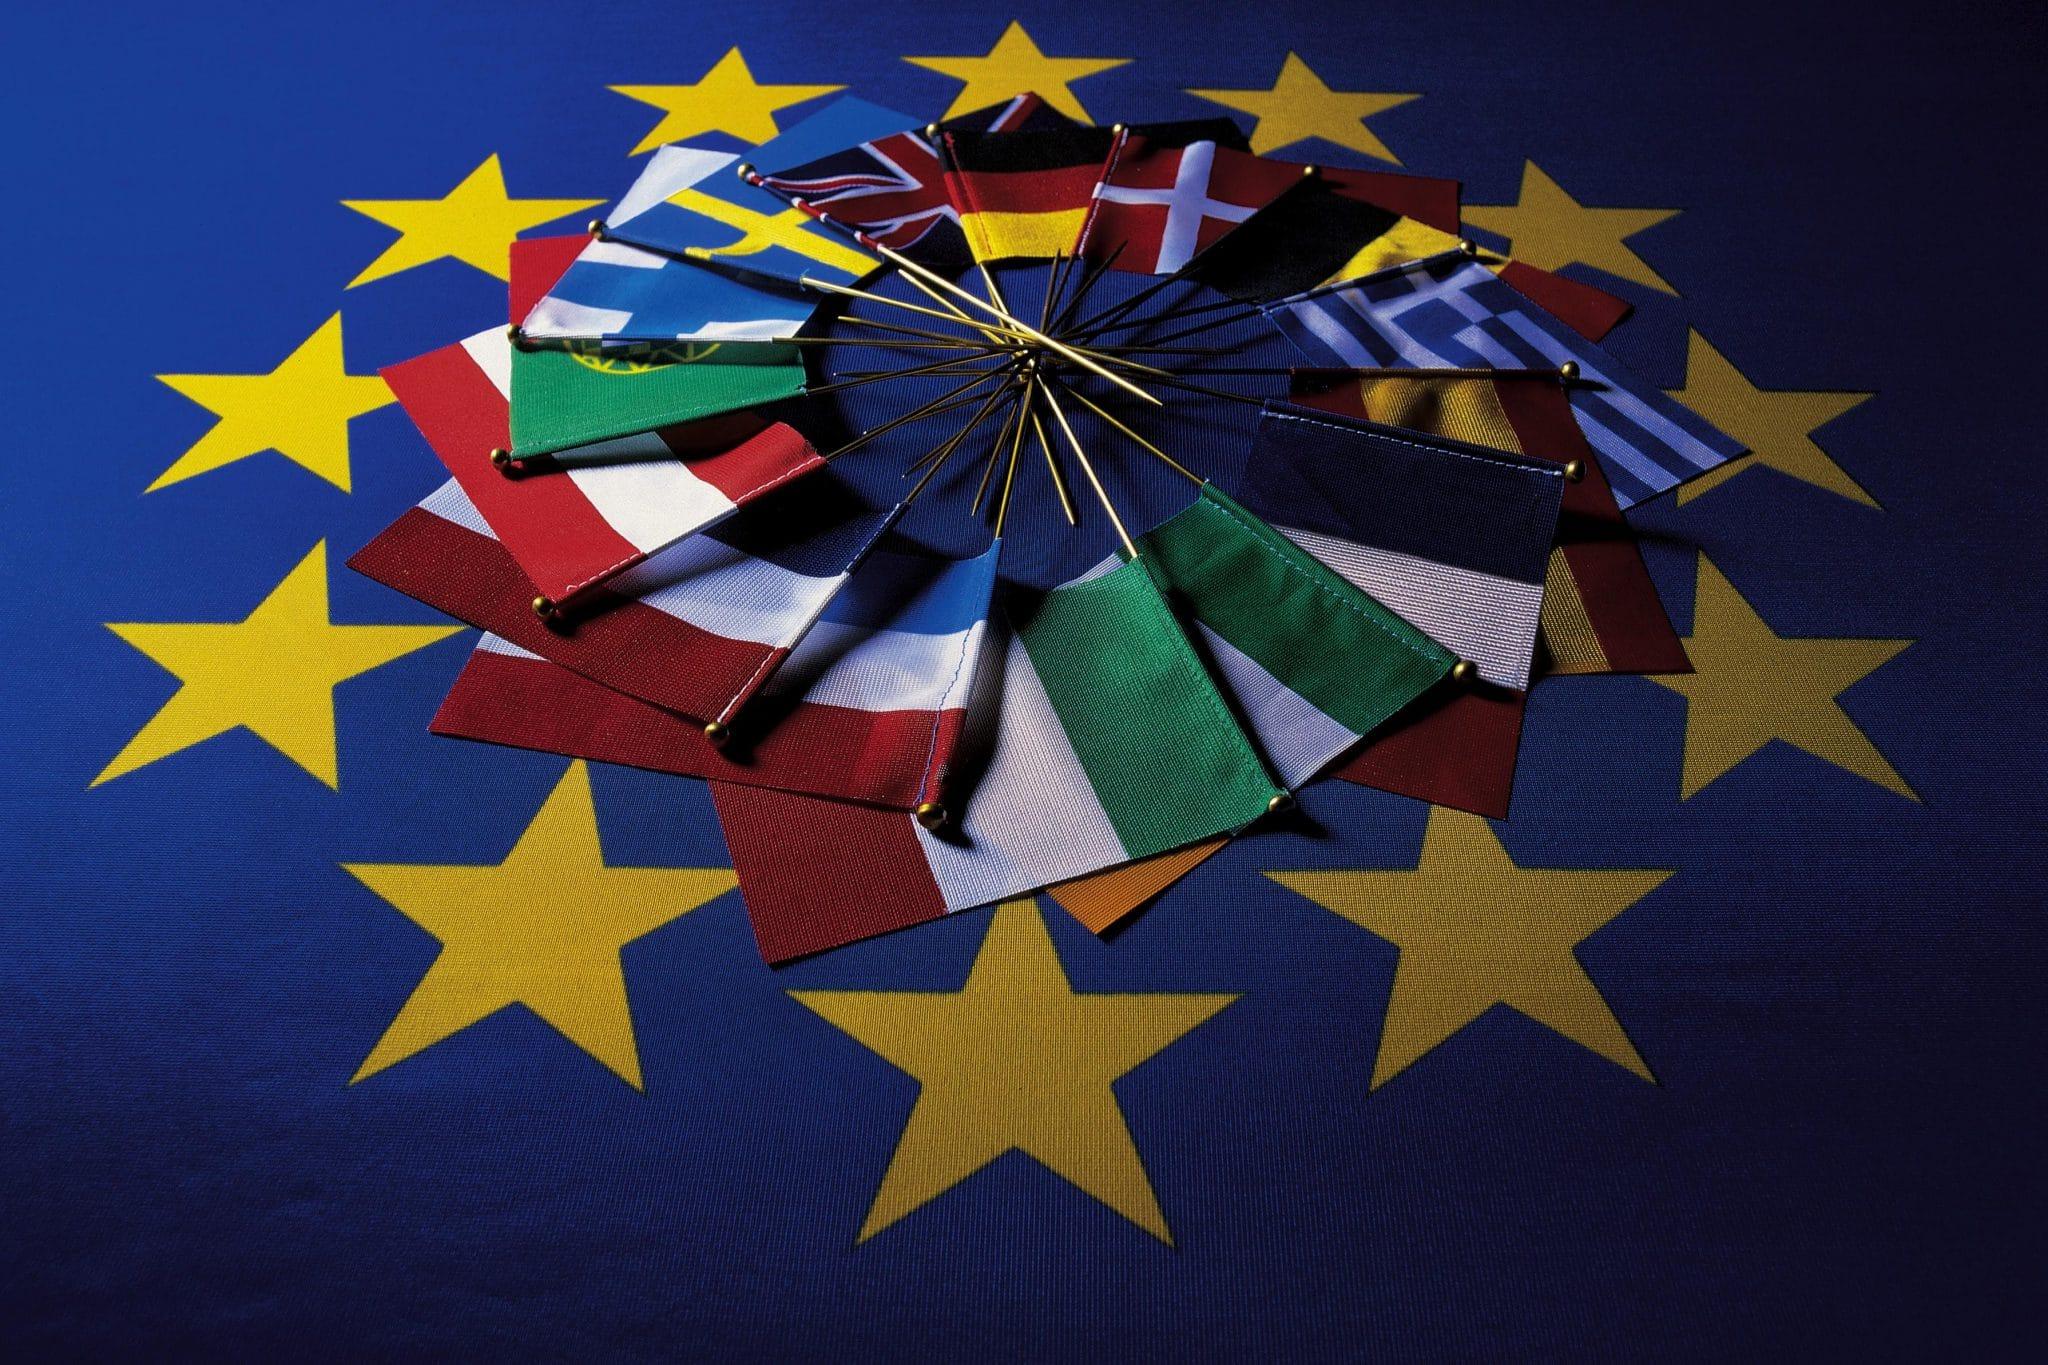 come ottenere la cittadinanza italiana e europea